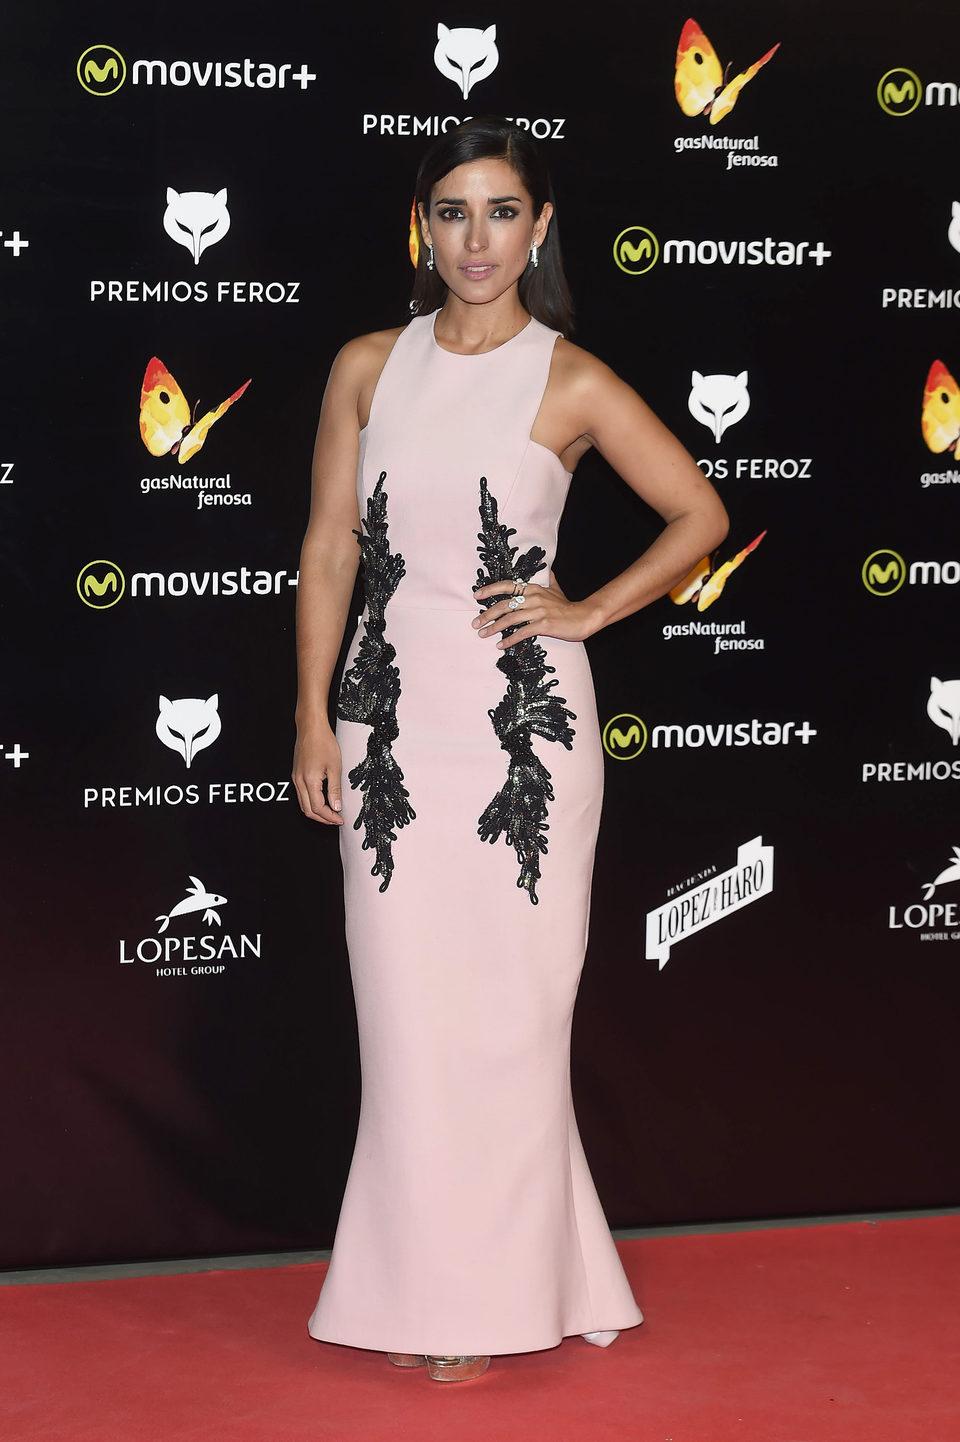 Inma Cuesta en la alfombra roja de los Premios Feroz 2016